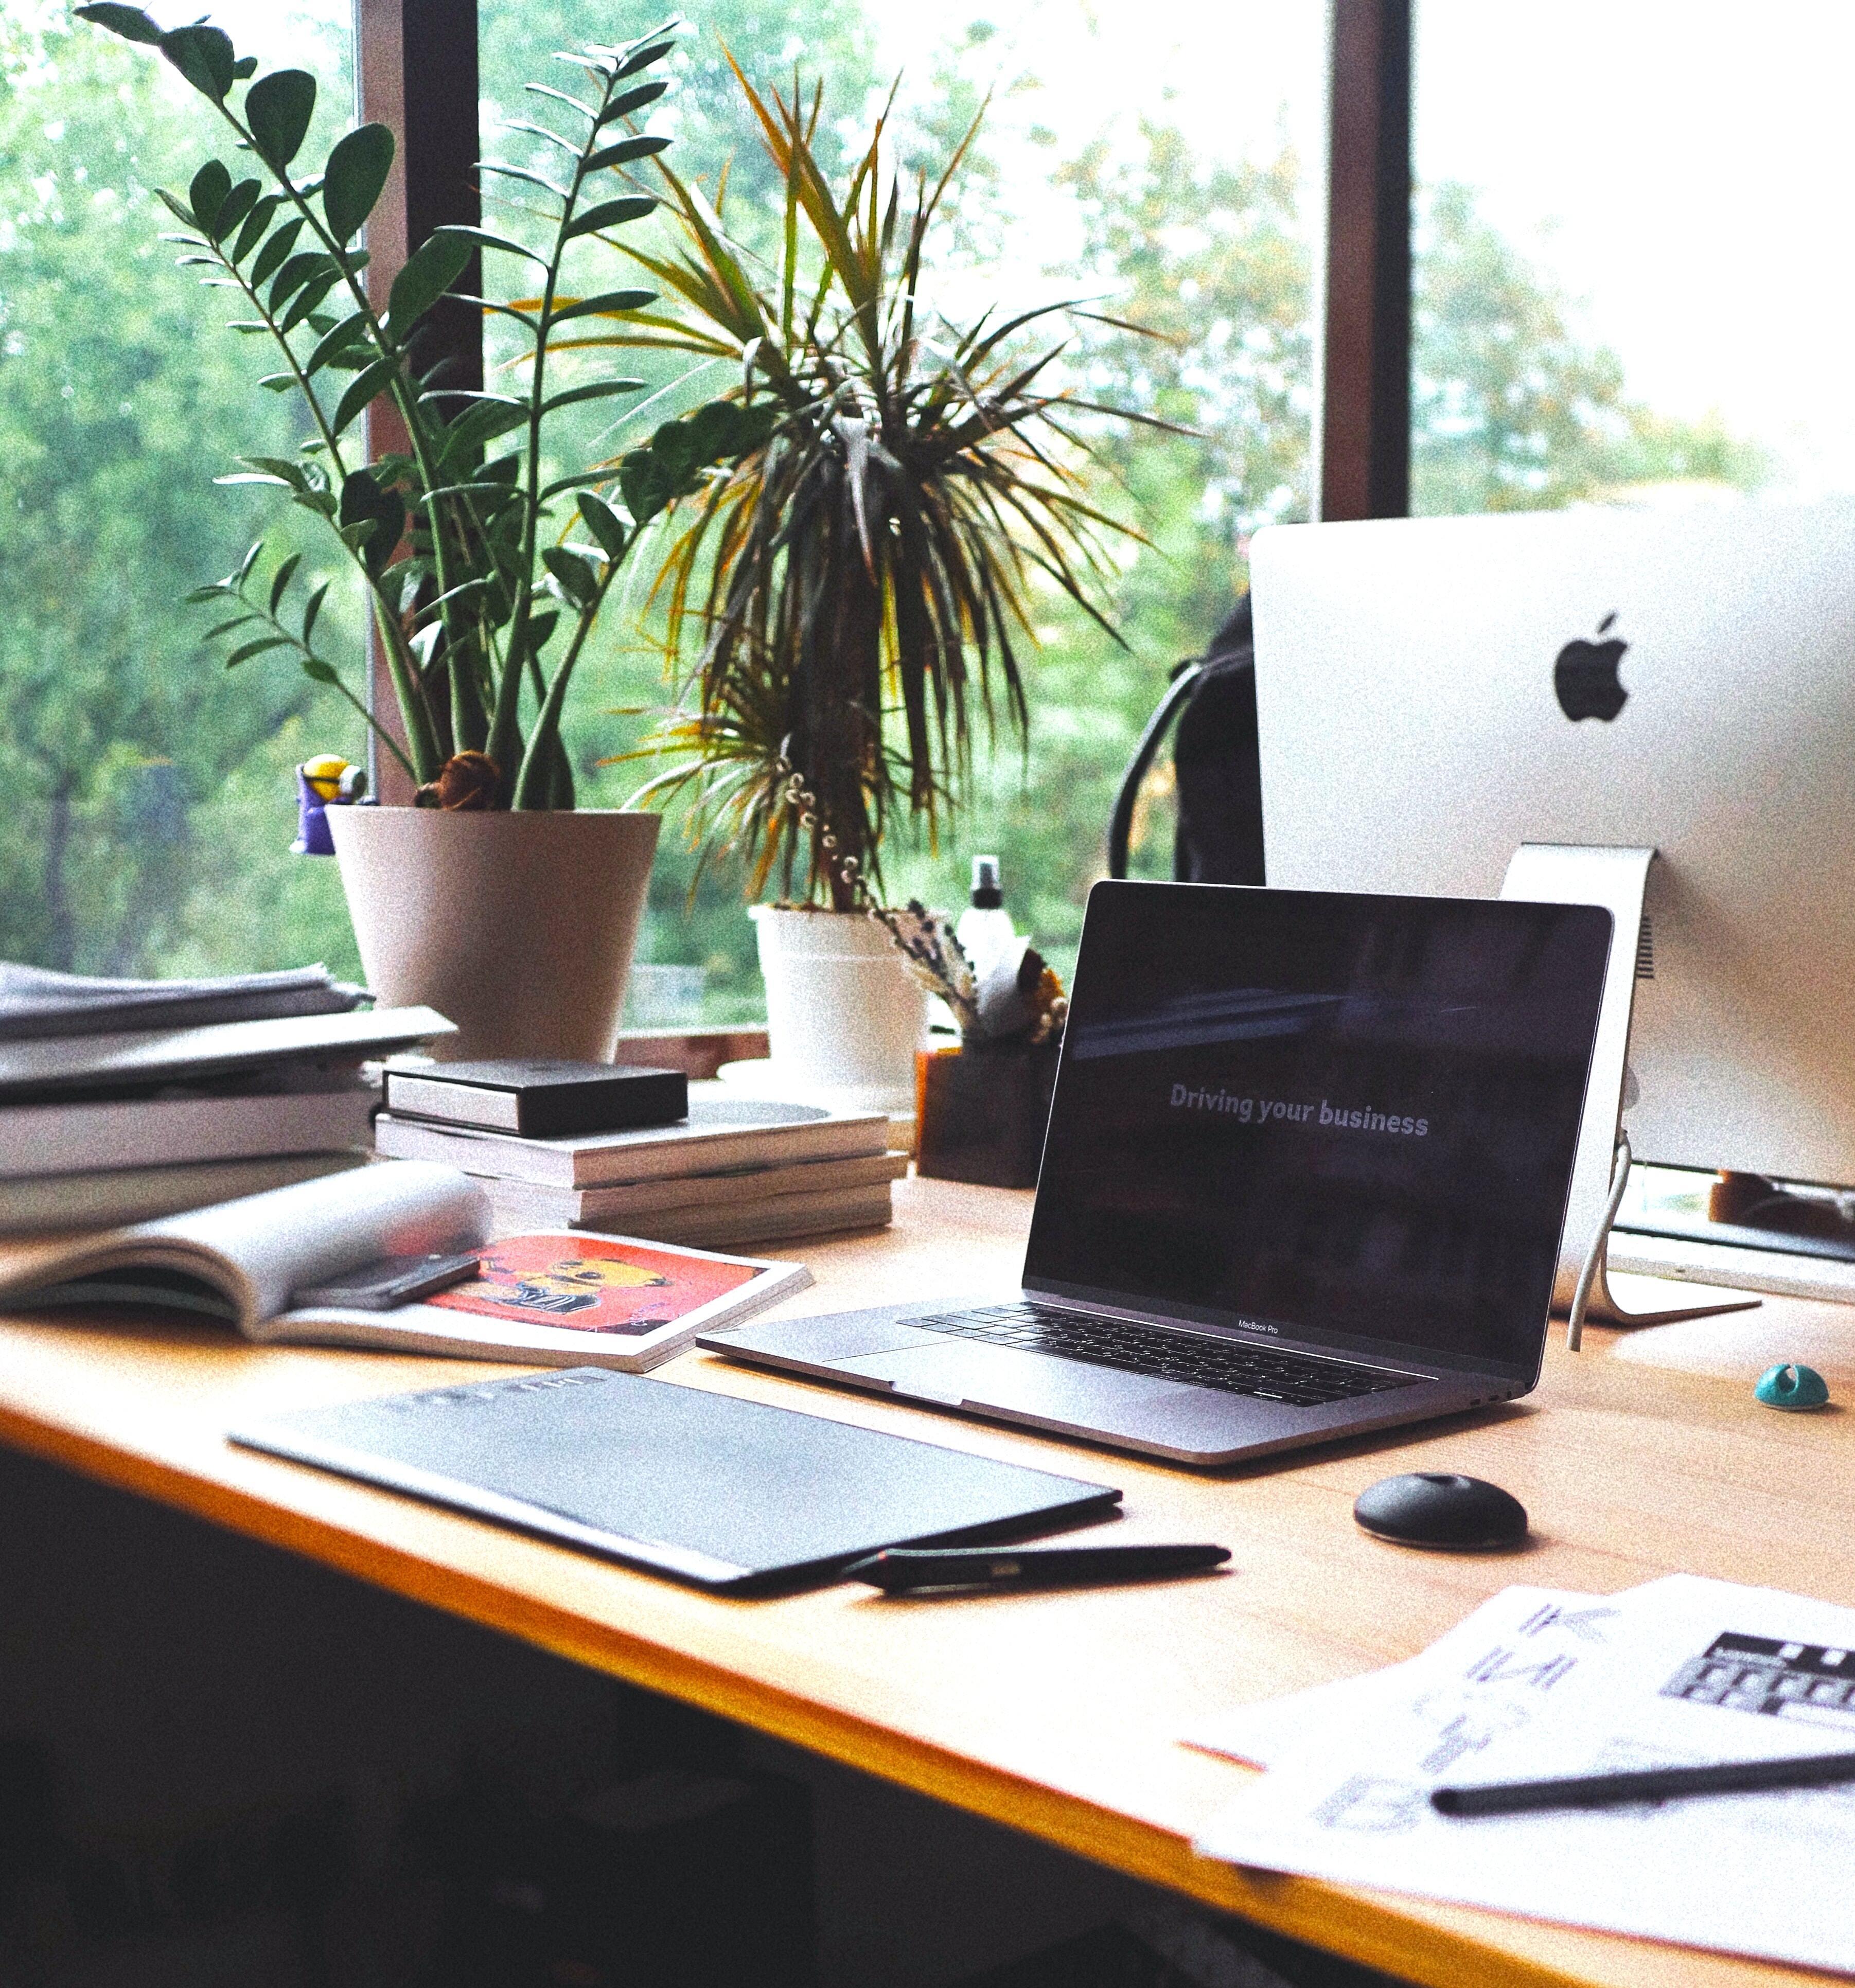 Schreibtisch mit dem Mac im Büro mit Pflanzen im Hintergrund